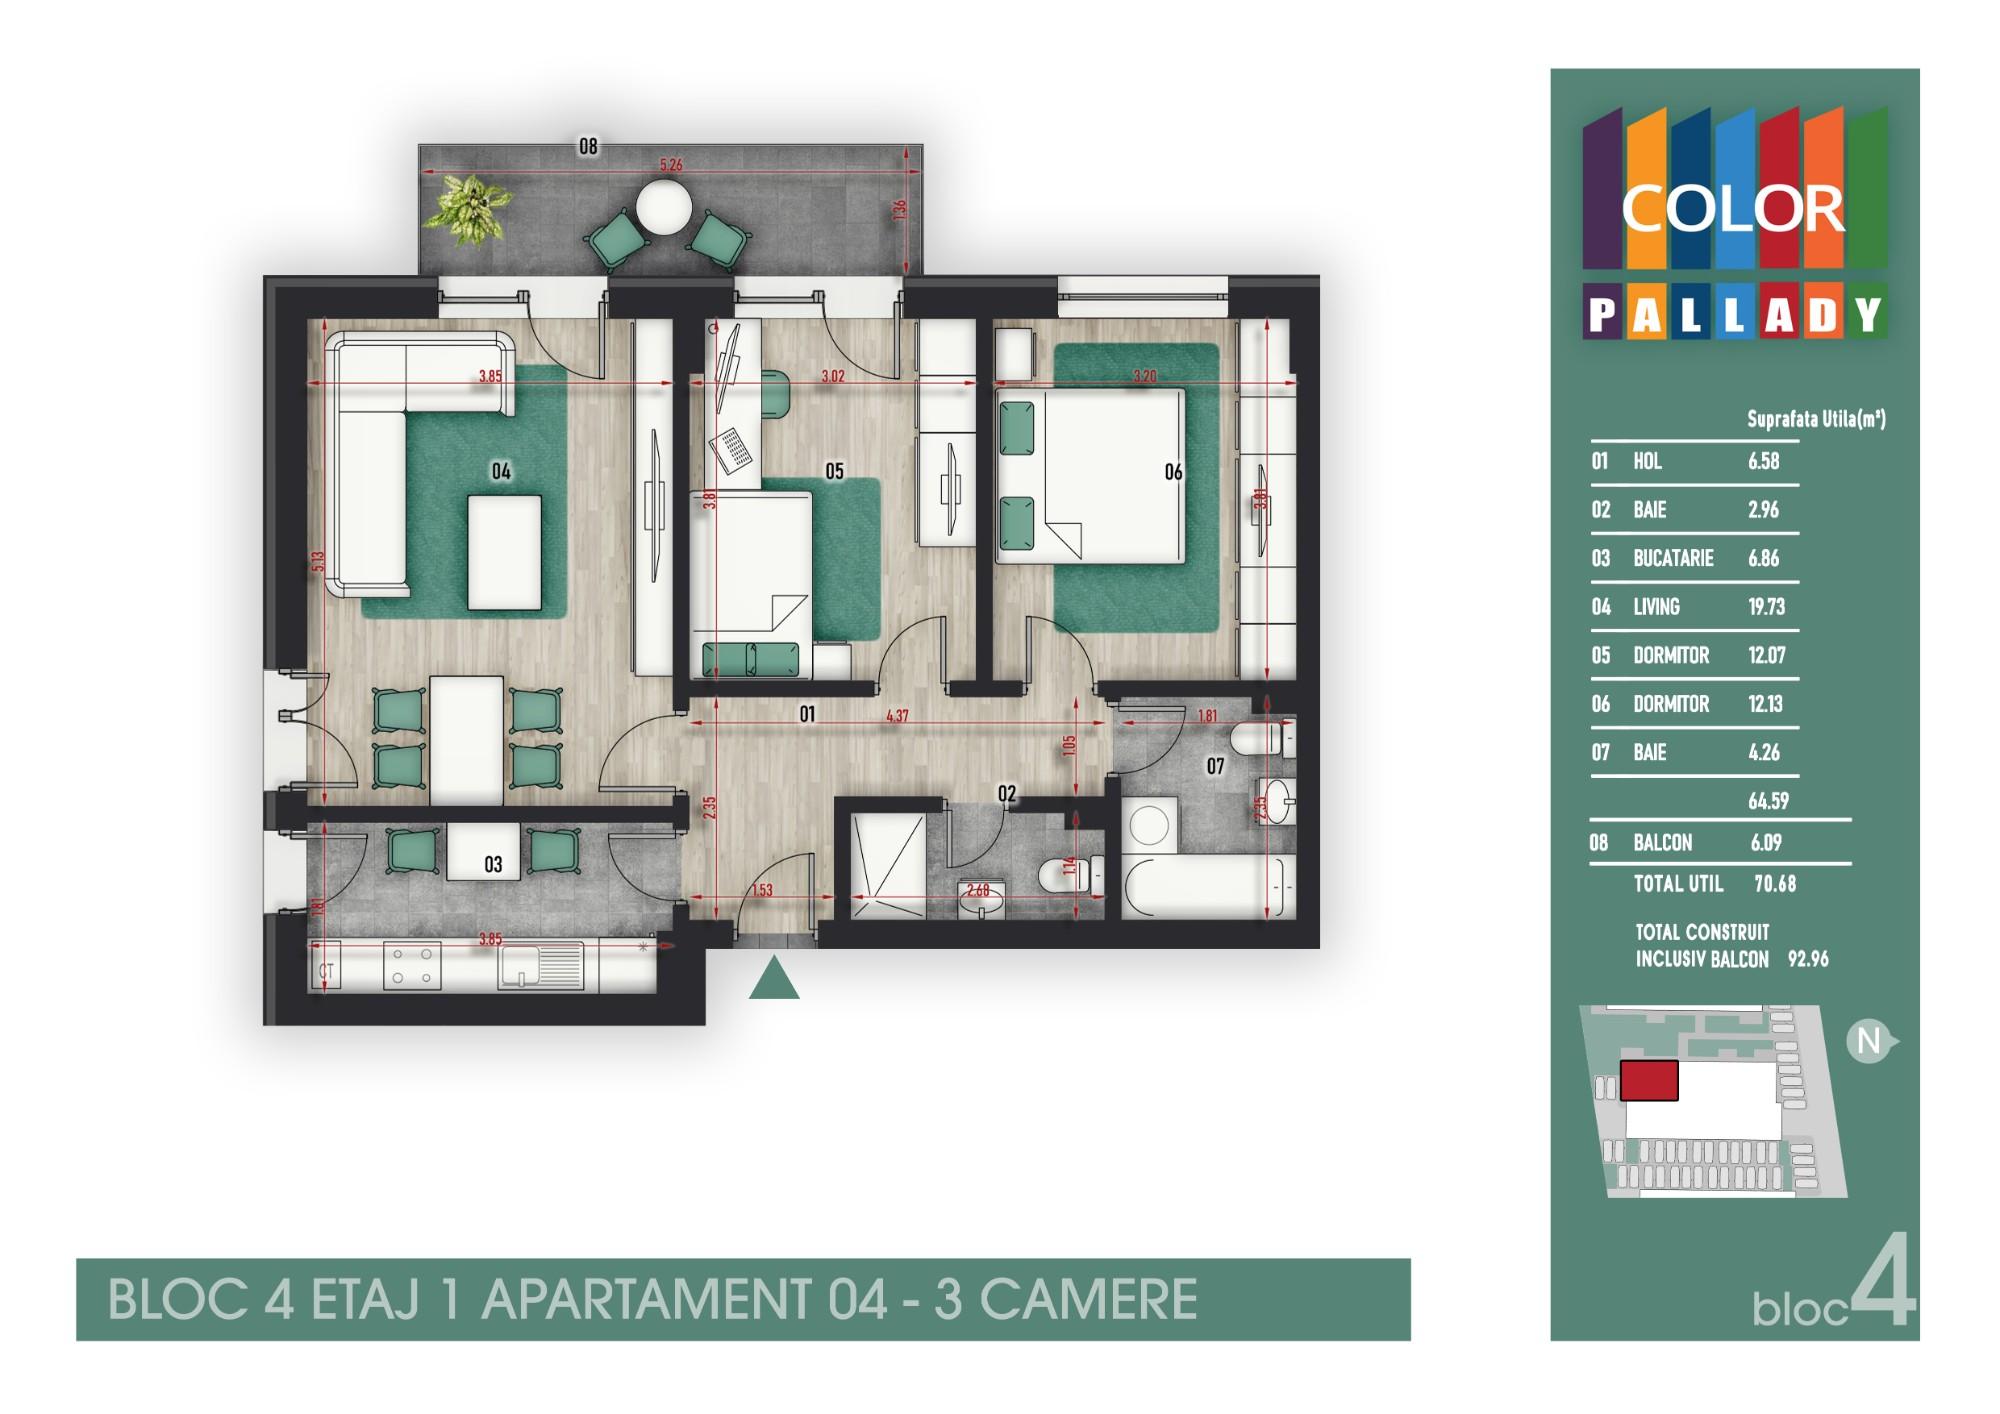 Bloc 4 - Etaj 1 - Apartament 04